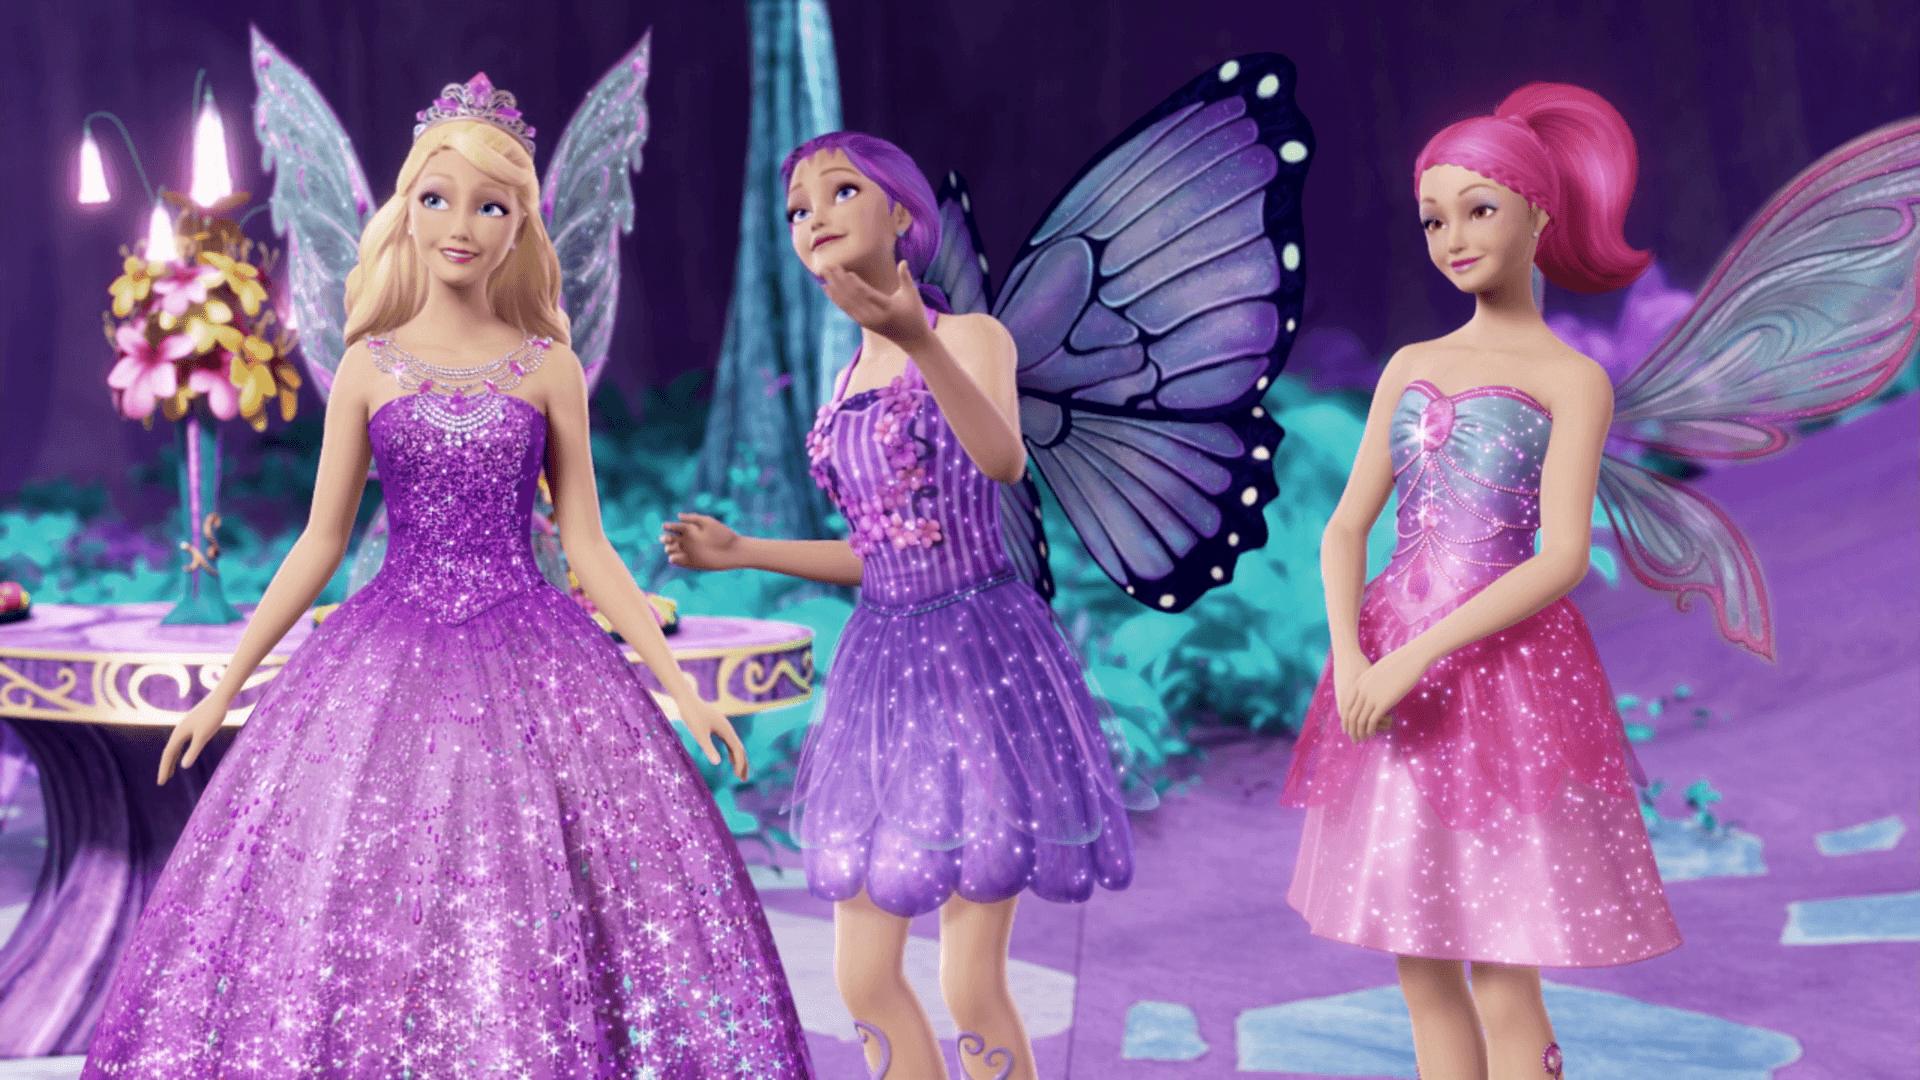 barbie doll wallpapers - HD Desktop Wallpapers | 4k HD